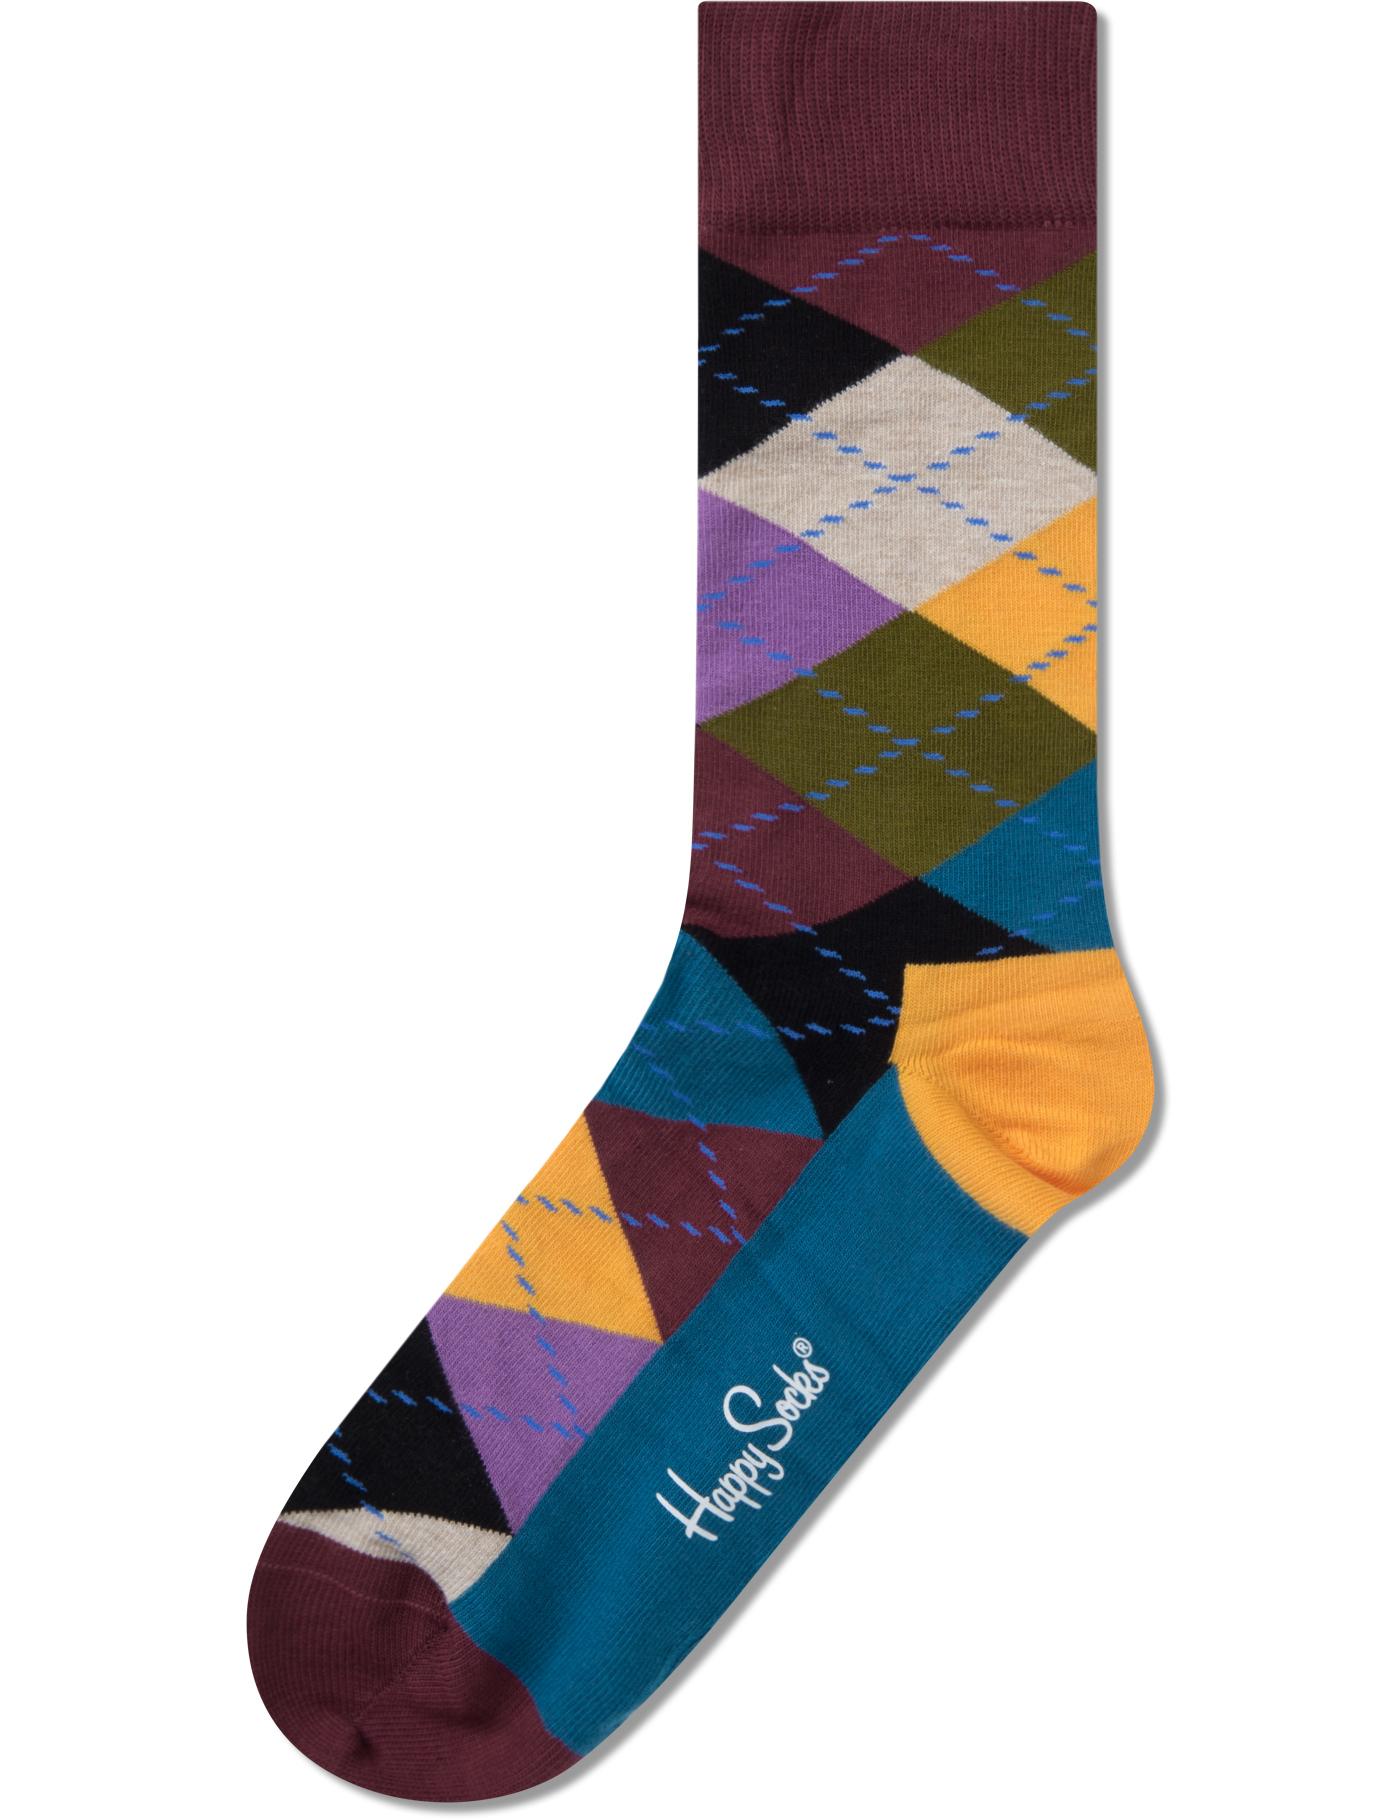 Happy Socks Argyle Socks | HBX.